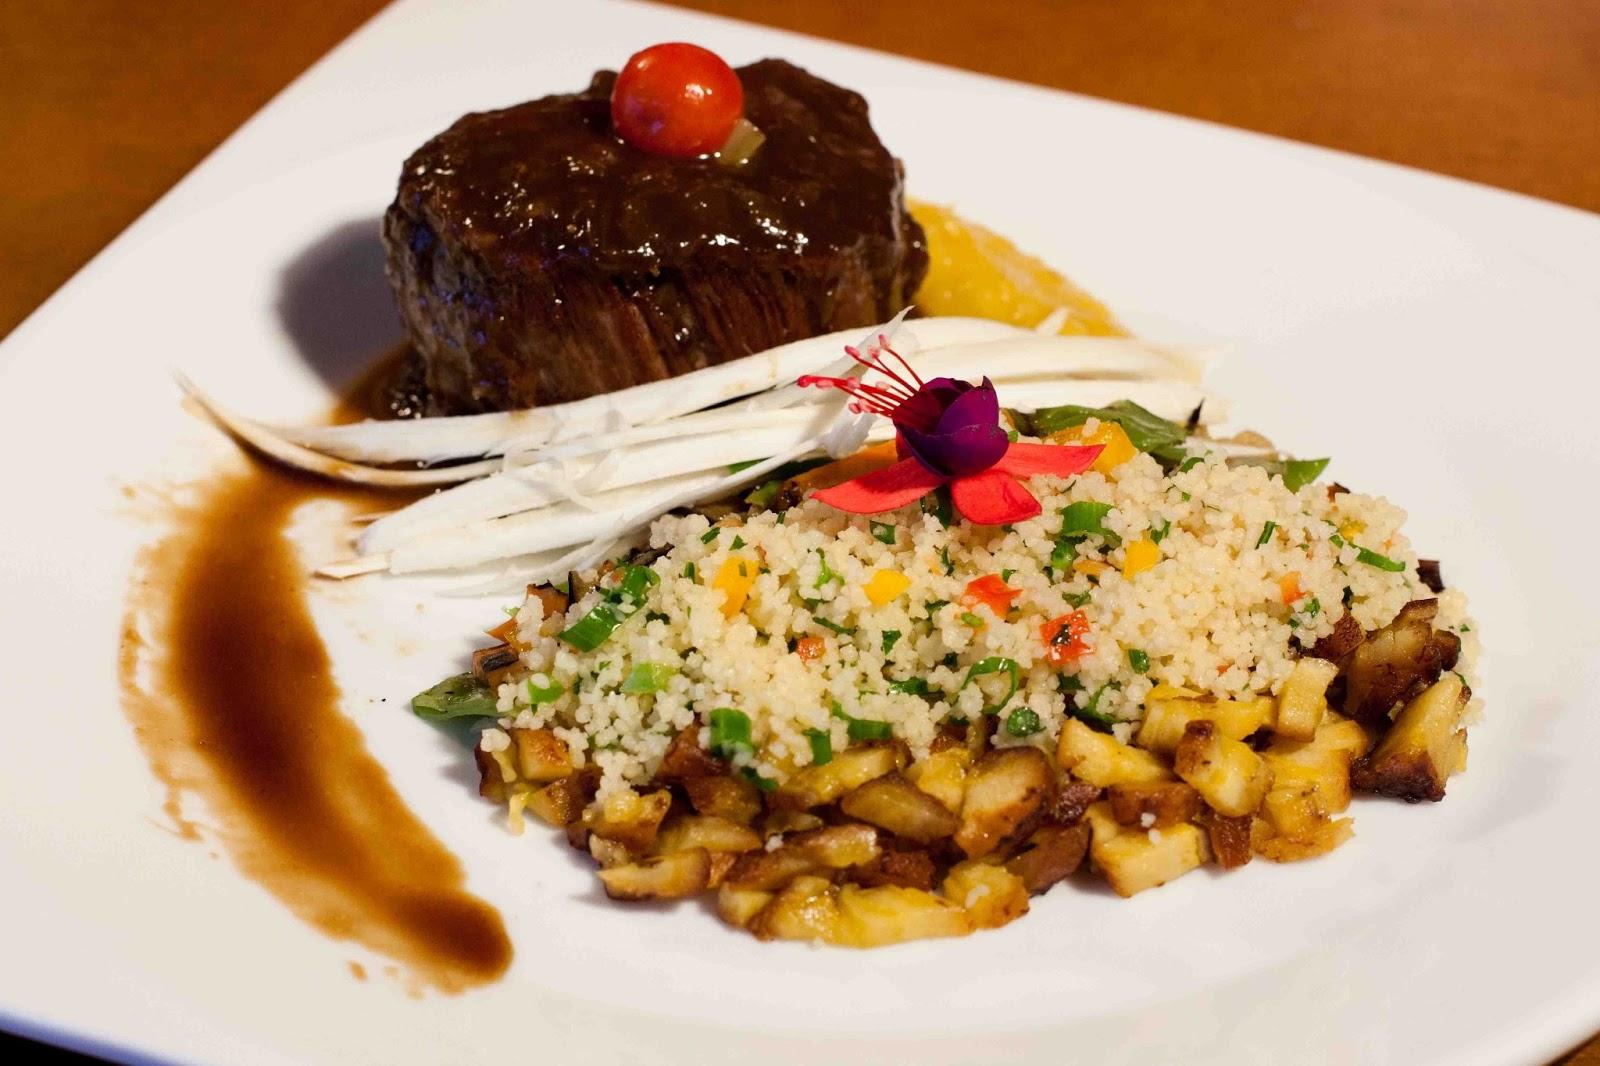 Festiwal Restaurant Week (3 daniowy obiad w ekskluzywnych restauracjach za 39zł)